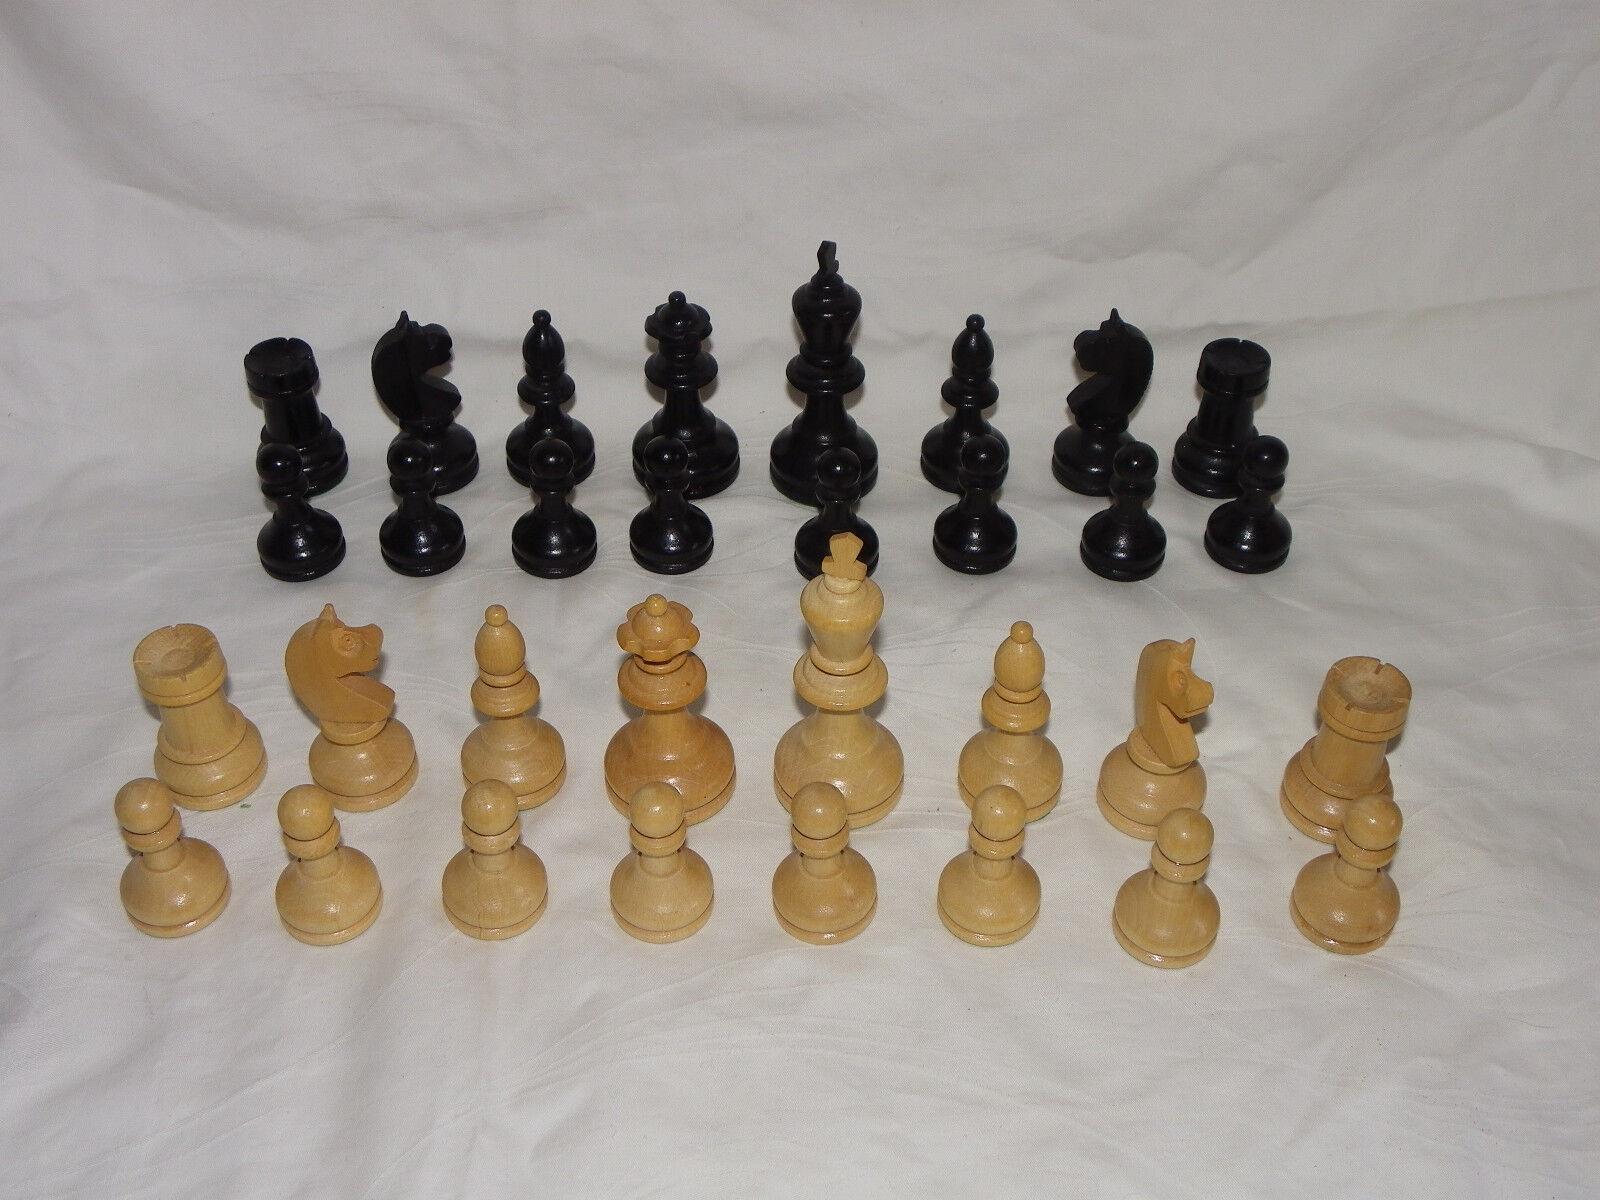 Schachfiguren für Schachcomputer z.b. für Mephisto Novag Fidelity